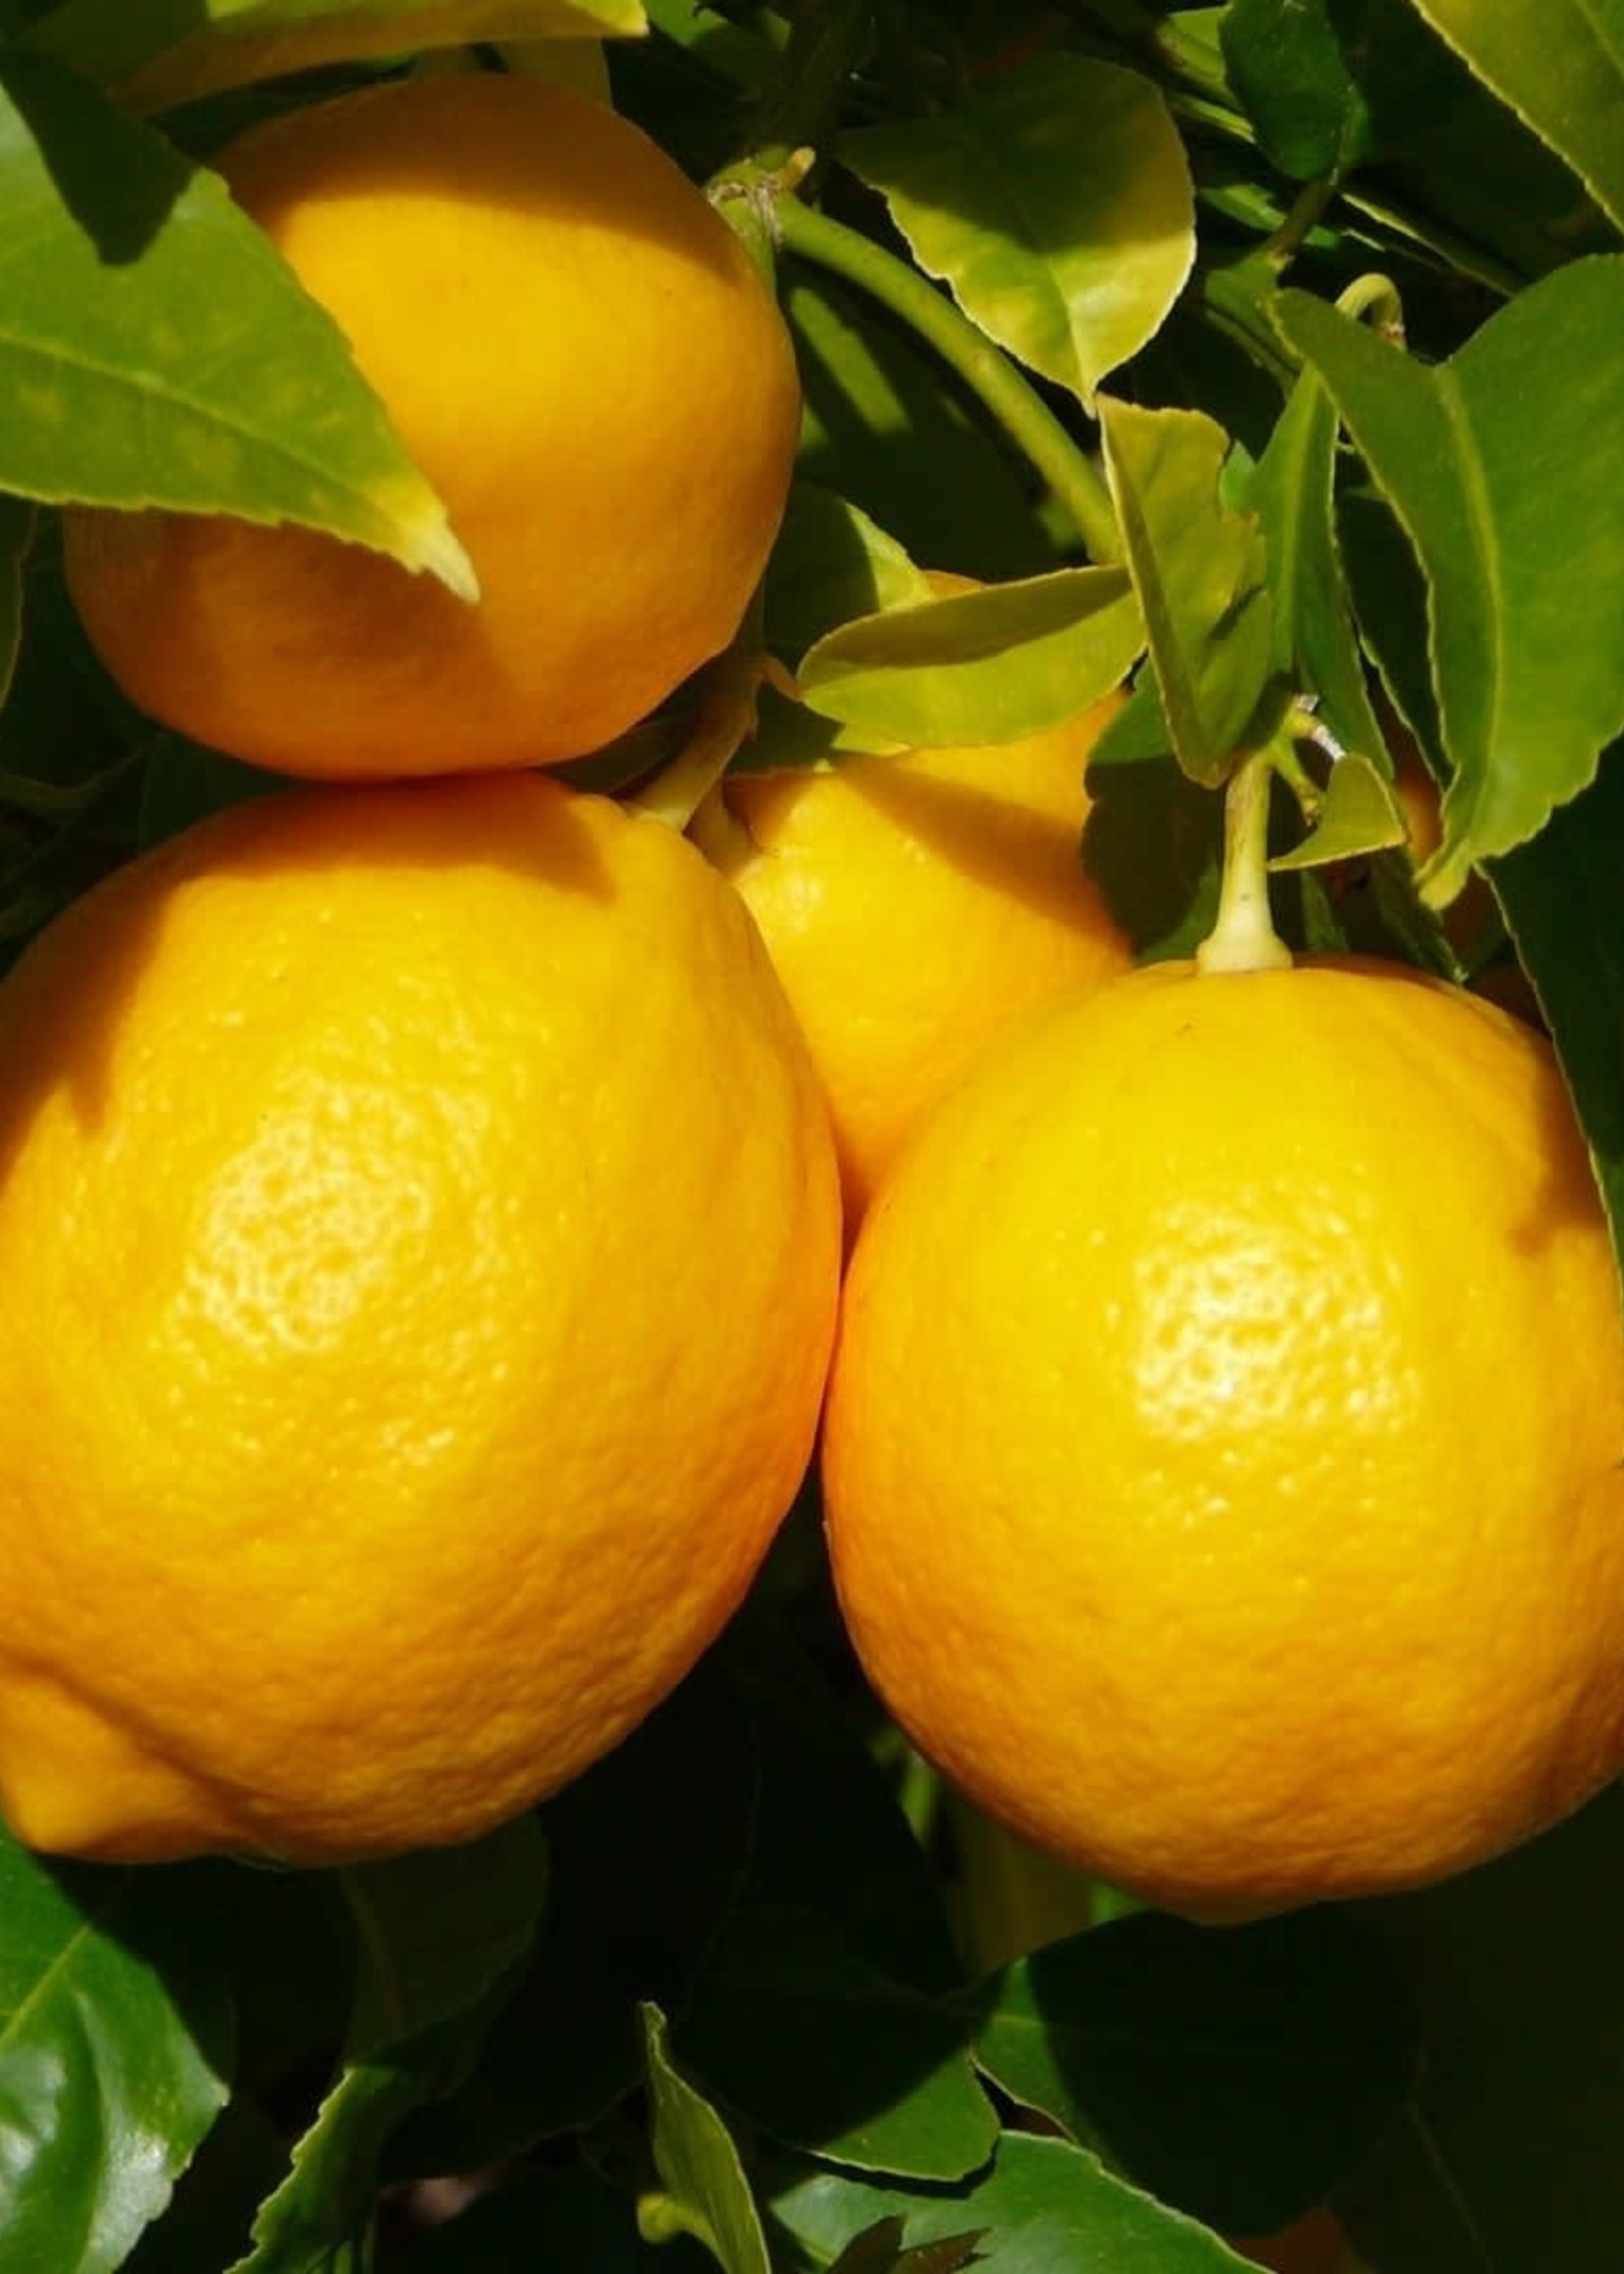 Zayat Huile essentielle citron jaune, biologique Mexique (11ml)